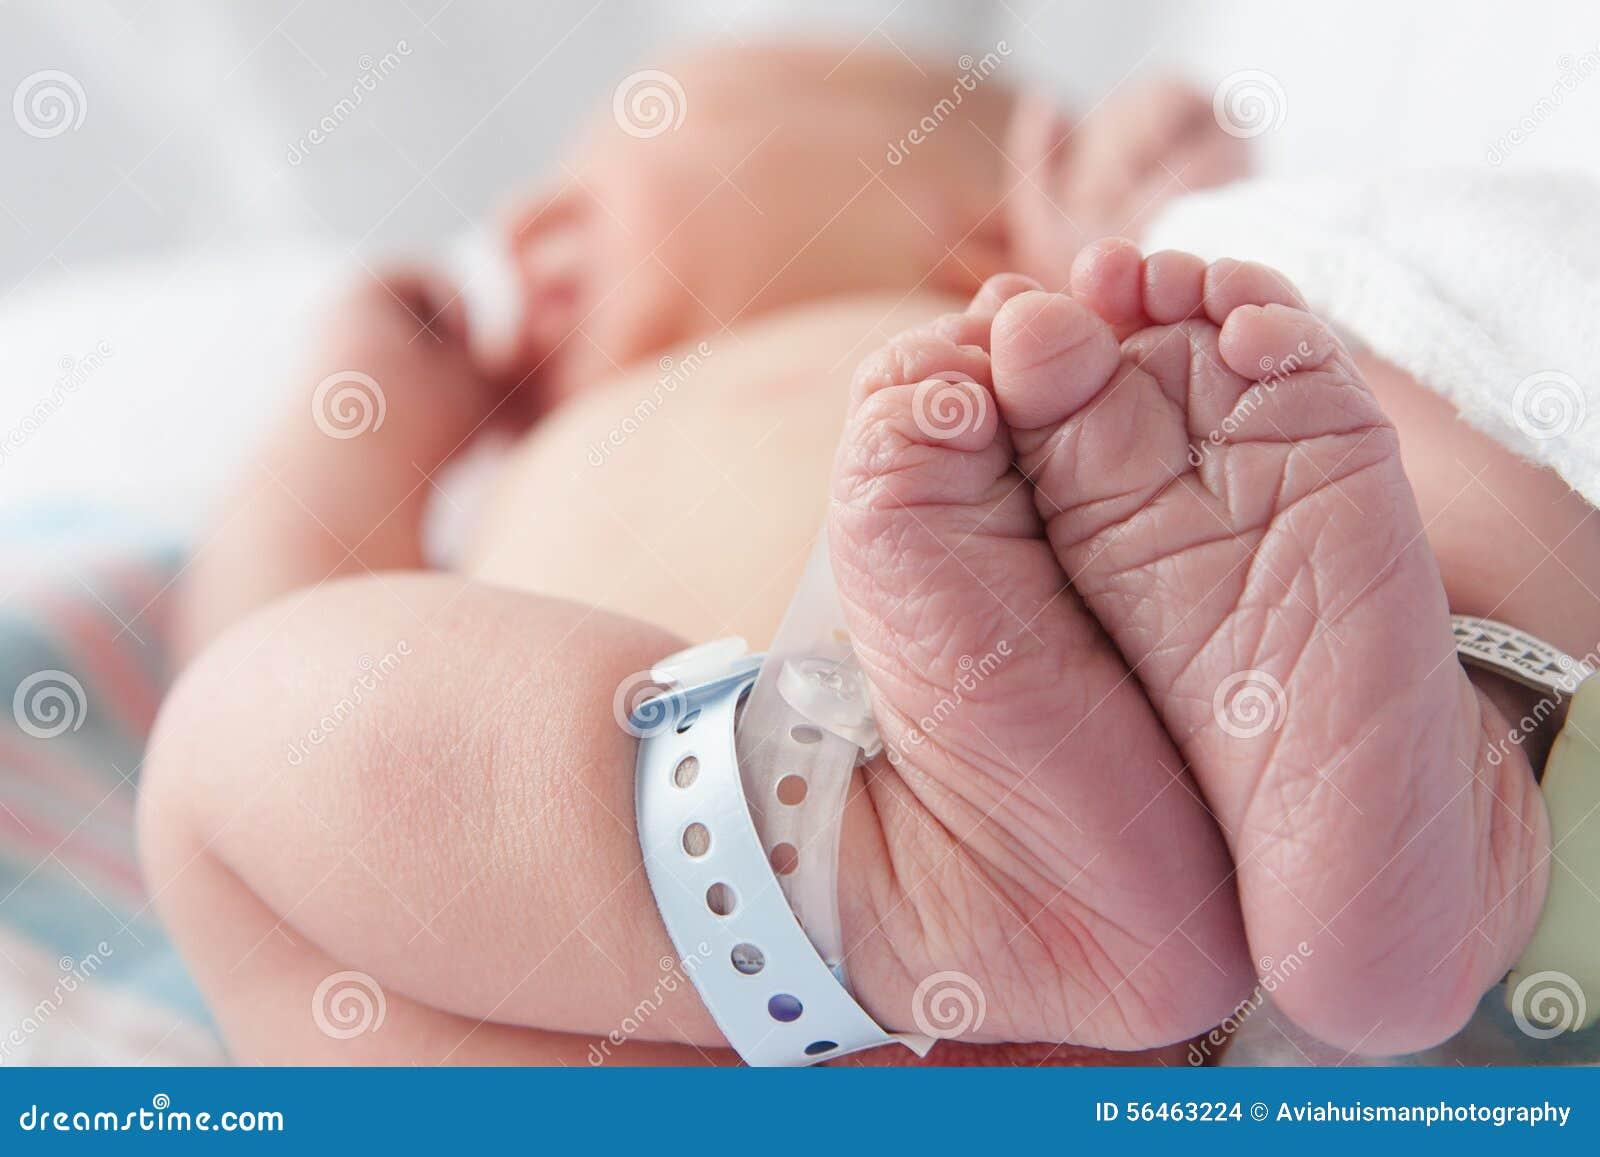 Pés recém-nascidos